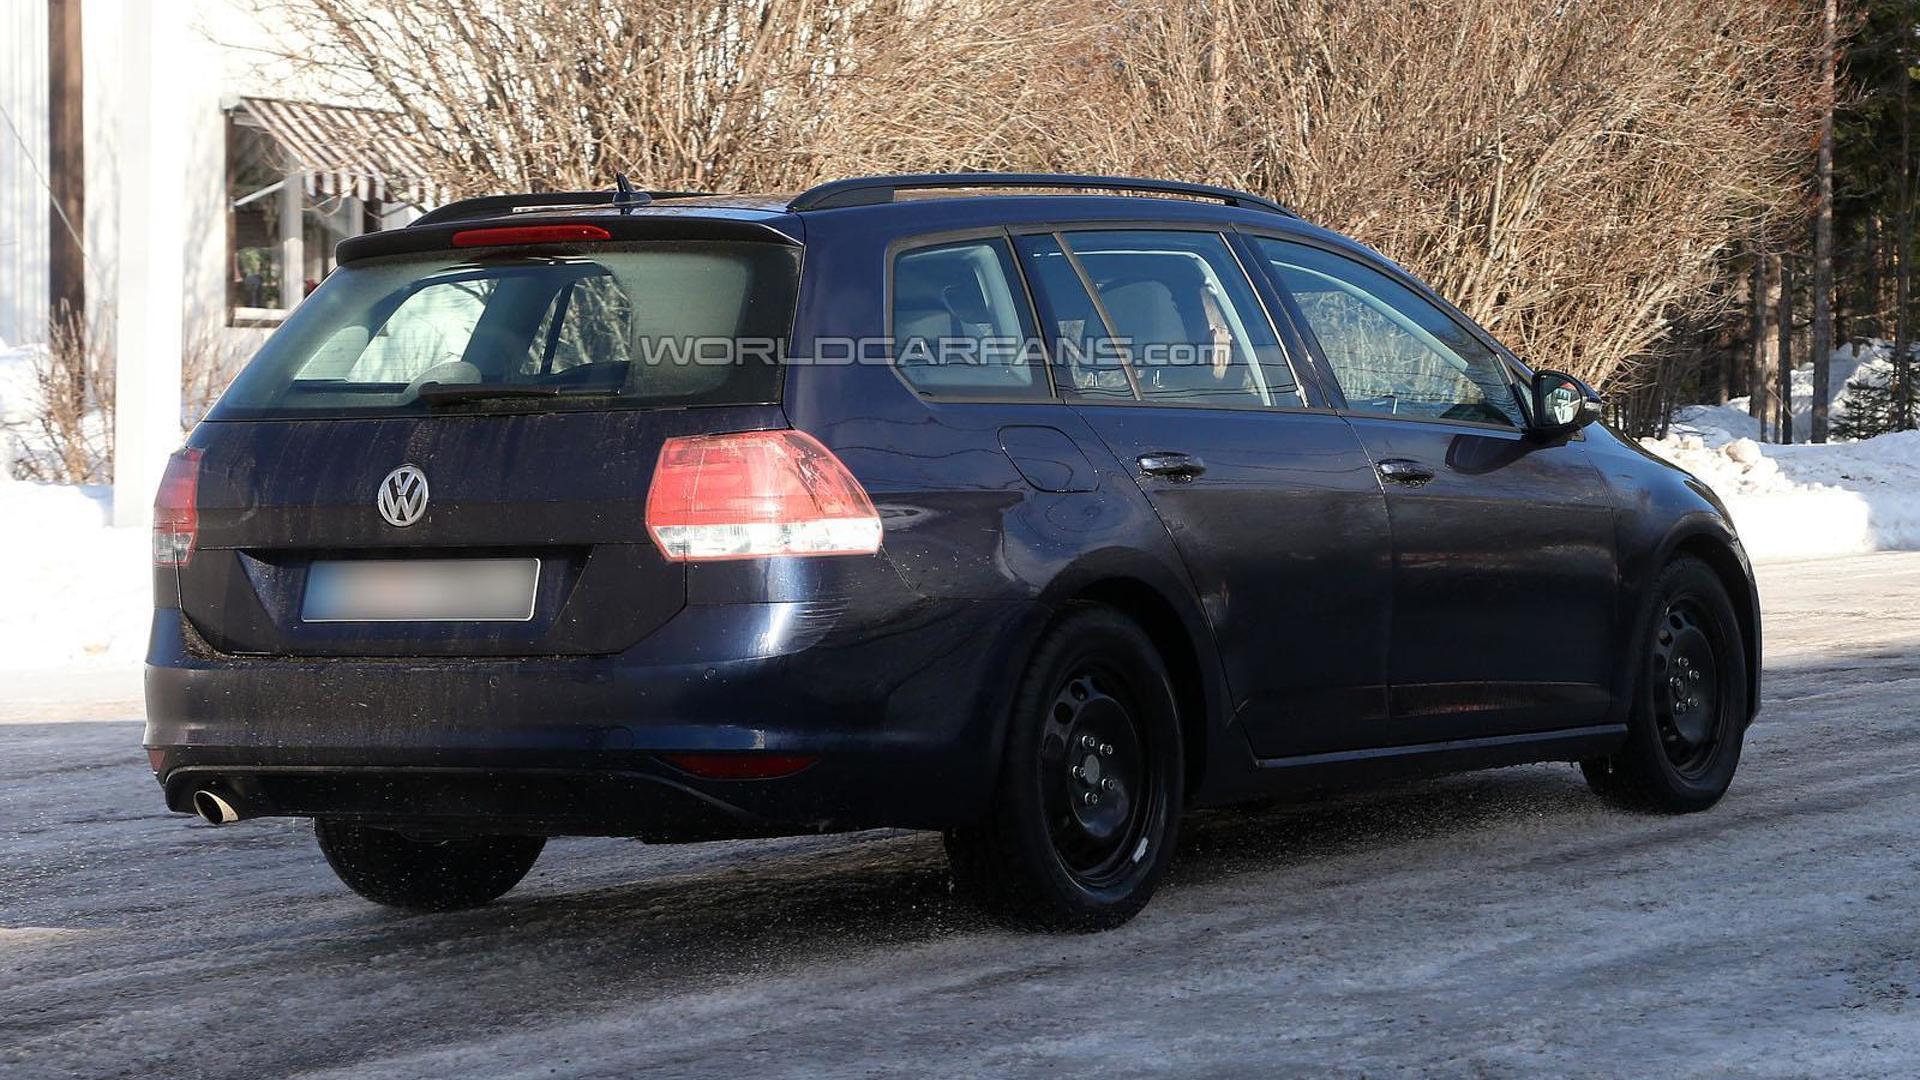 2014 Volkswagen Golf Estate spied virtually undisguised